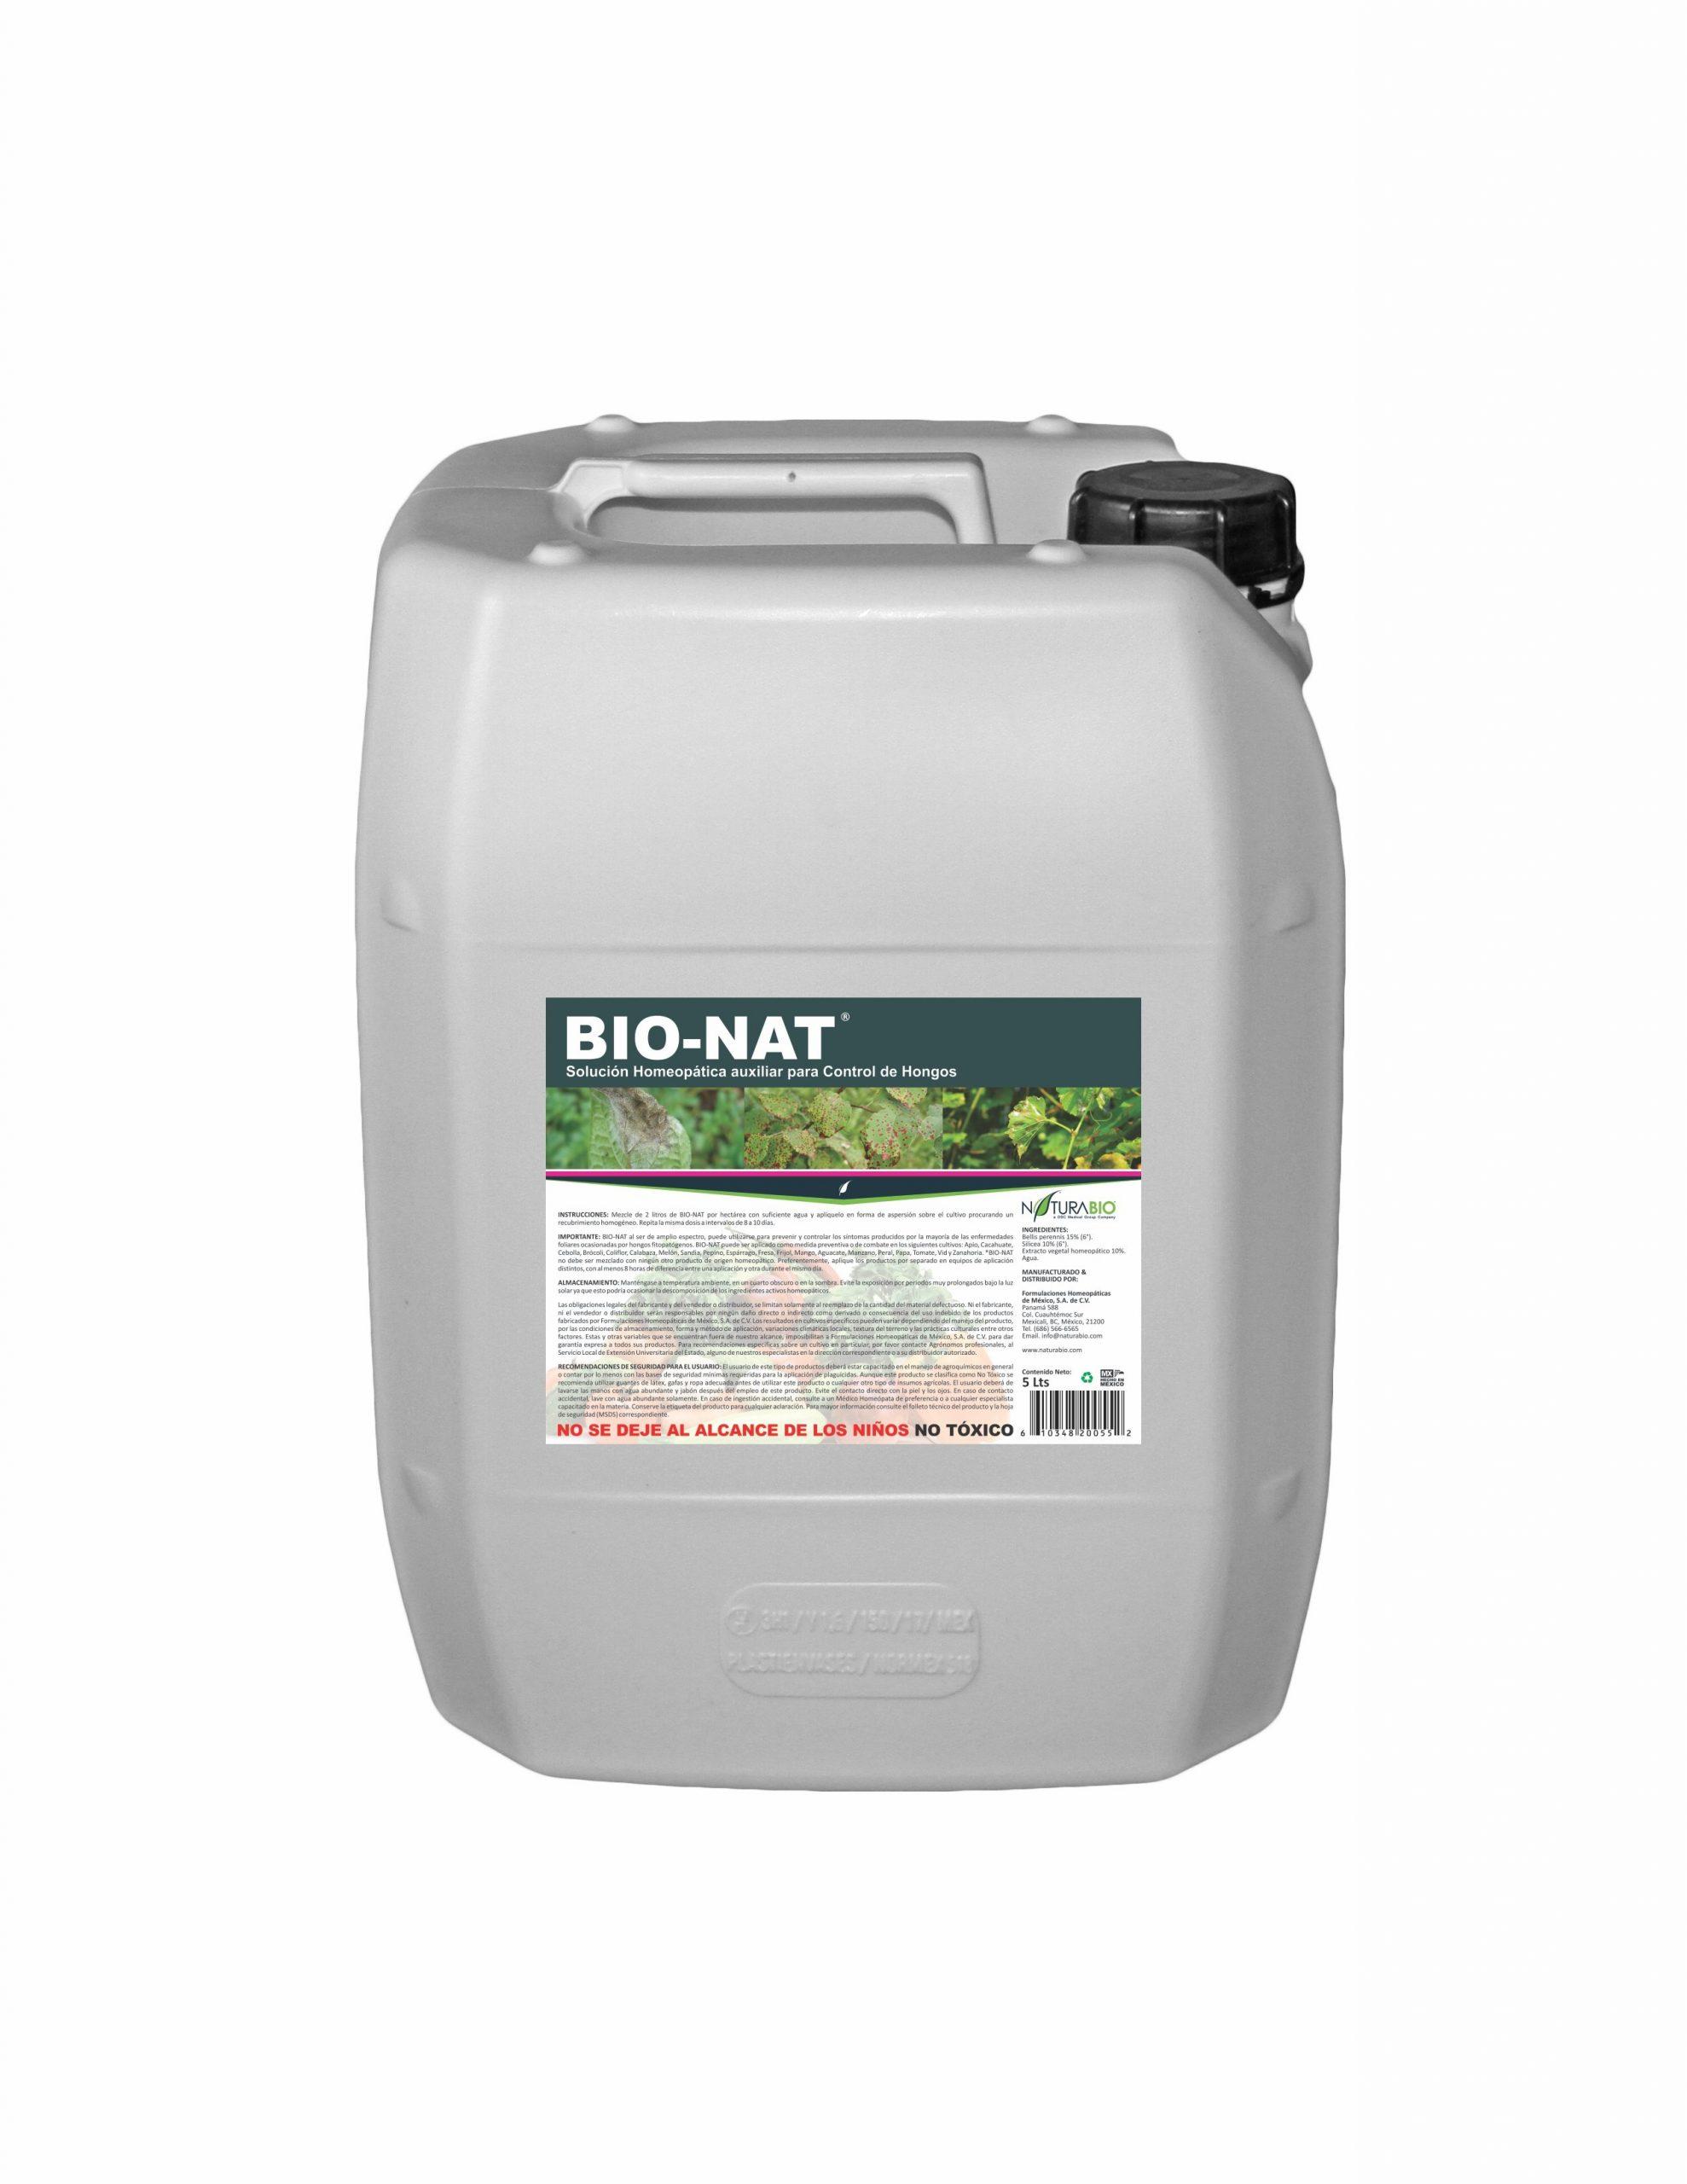 BIO-NAT Solución Homeopática auxiliar para Control de Hongos